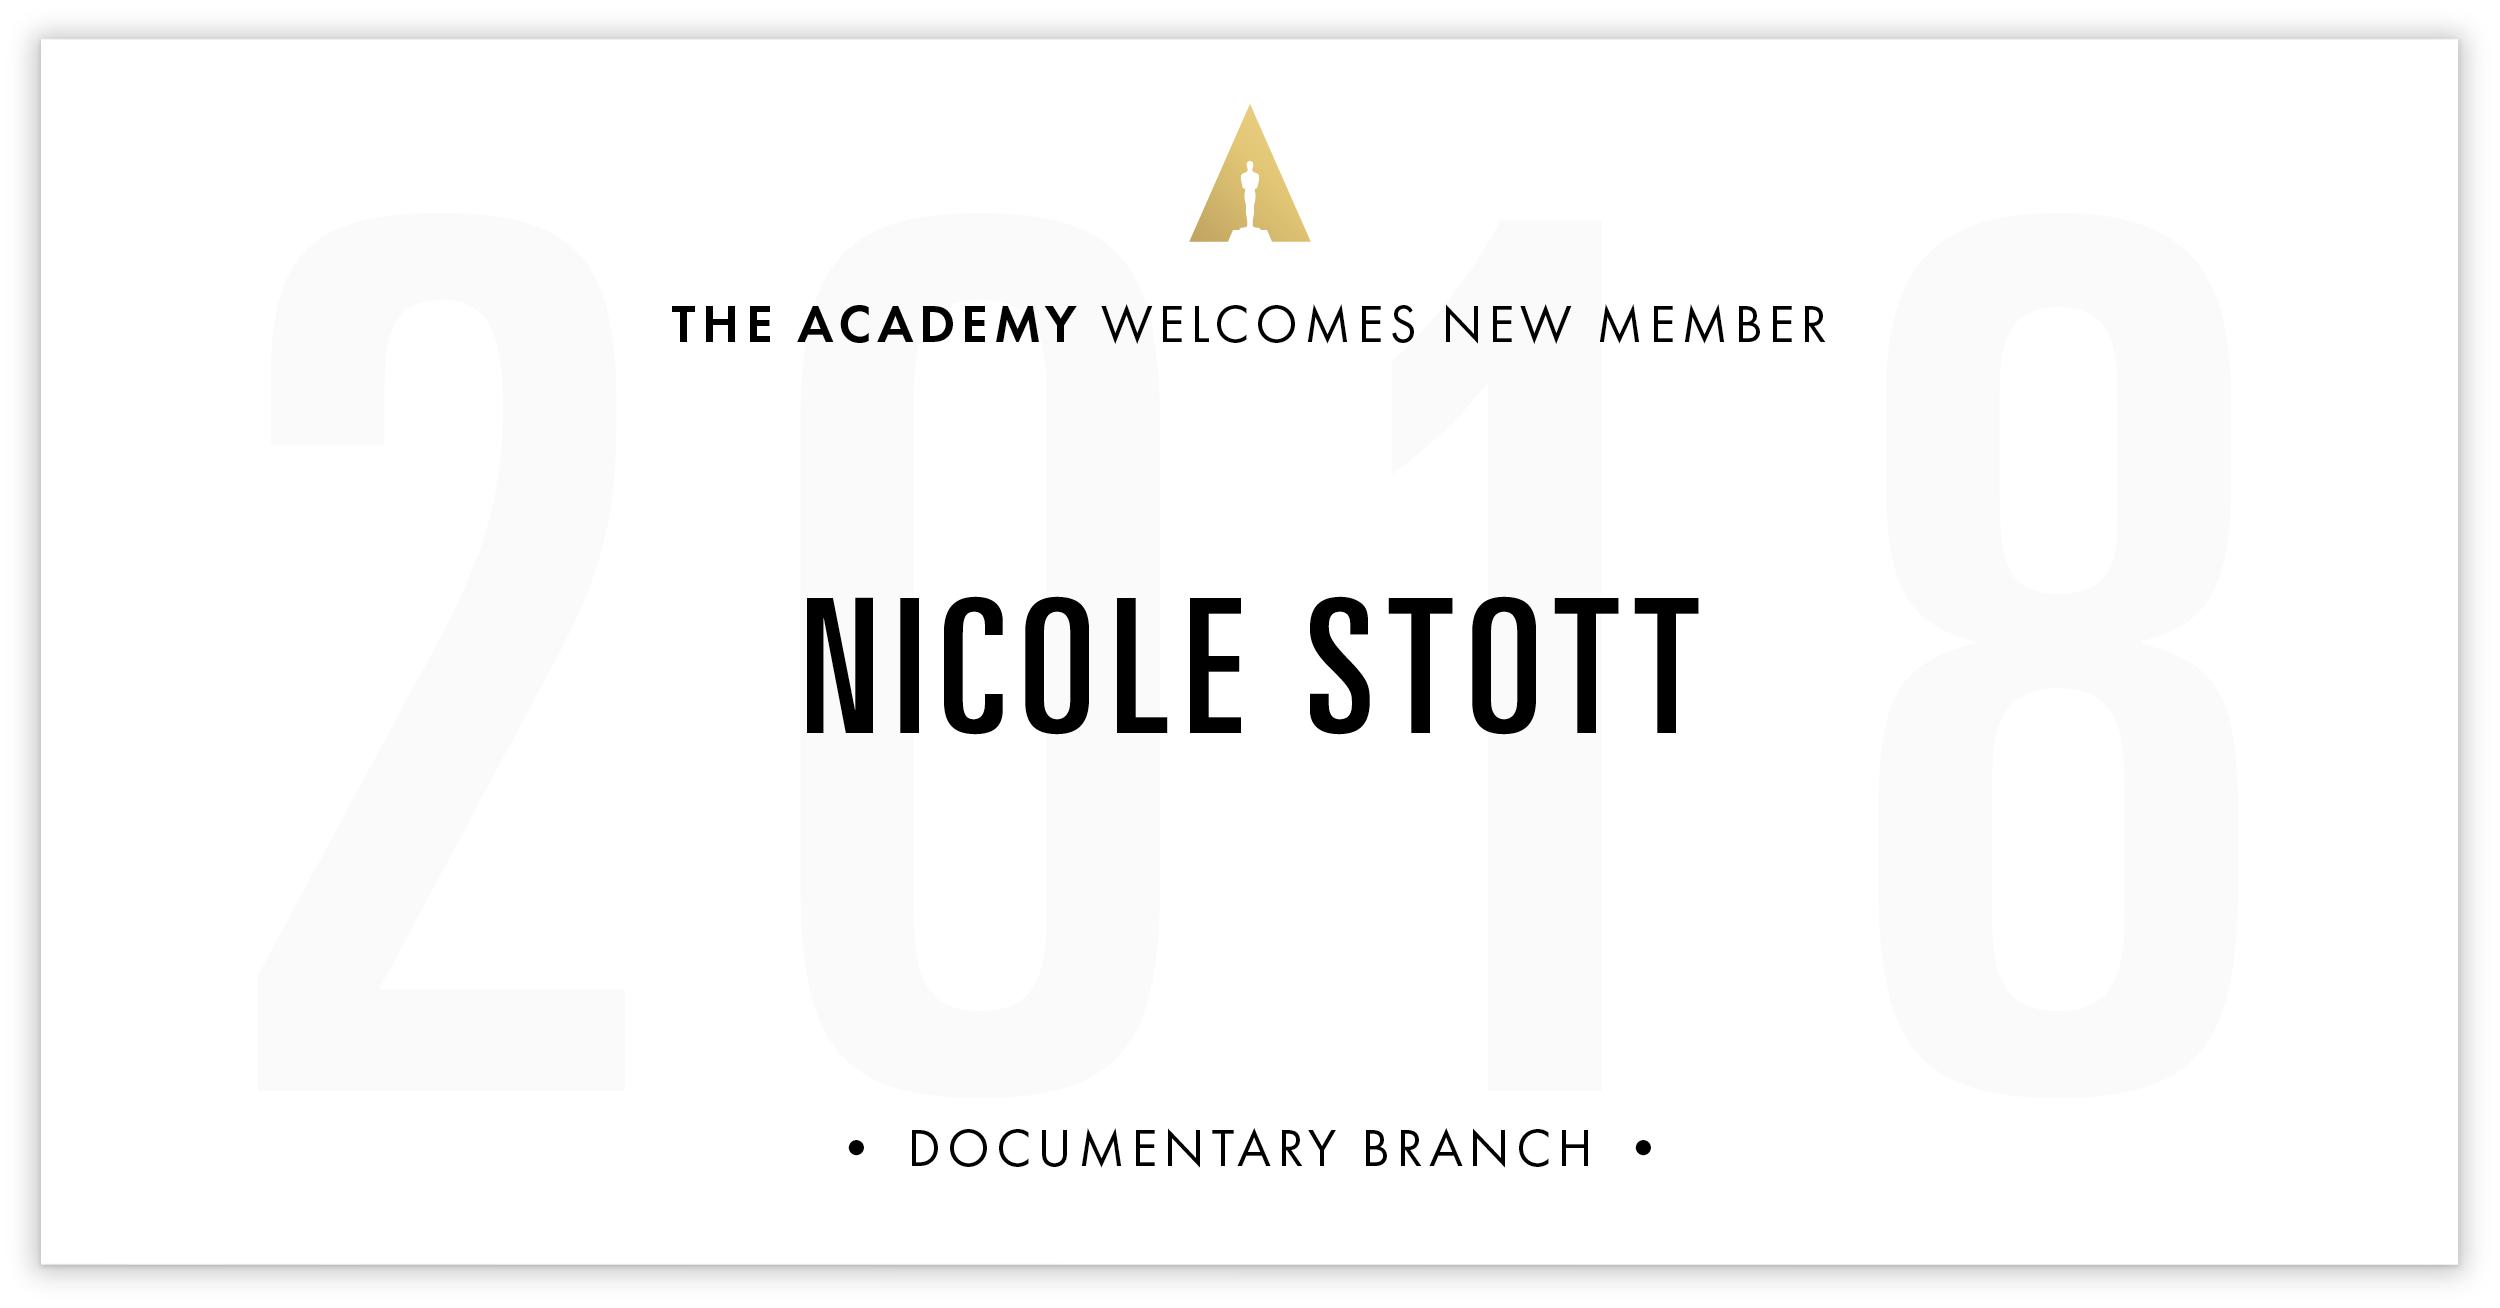 Nicole Stott is invited!